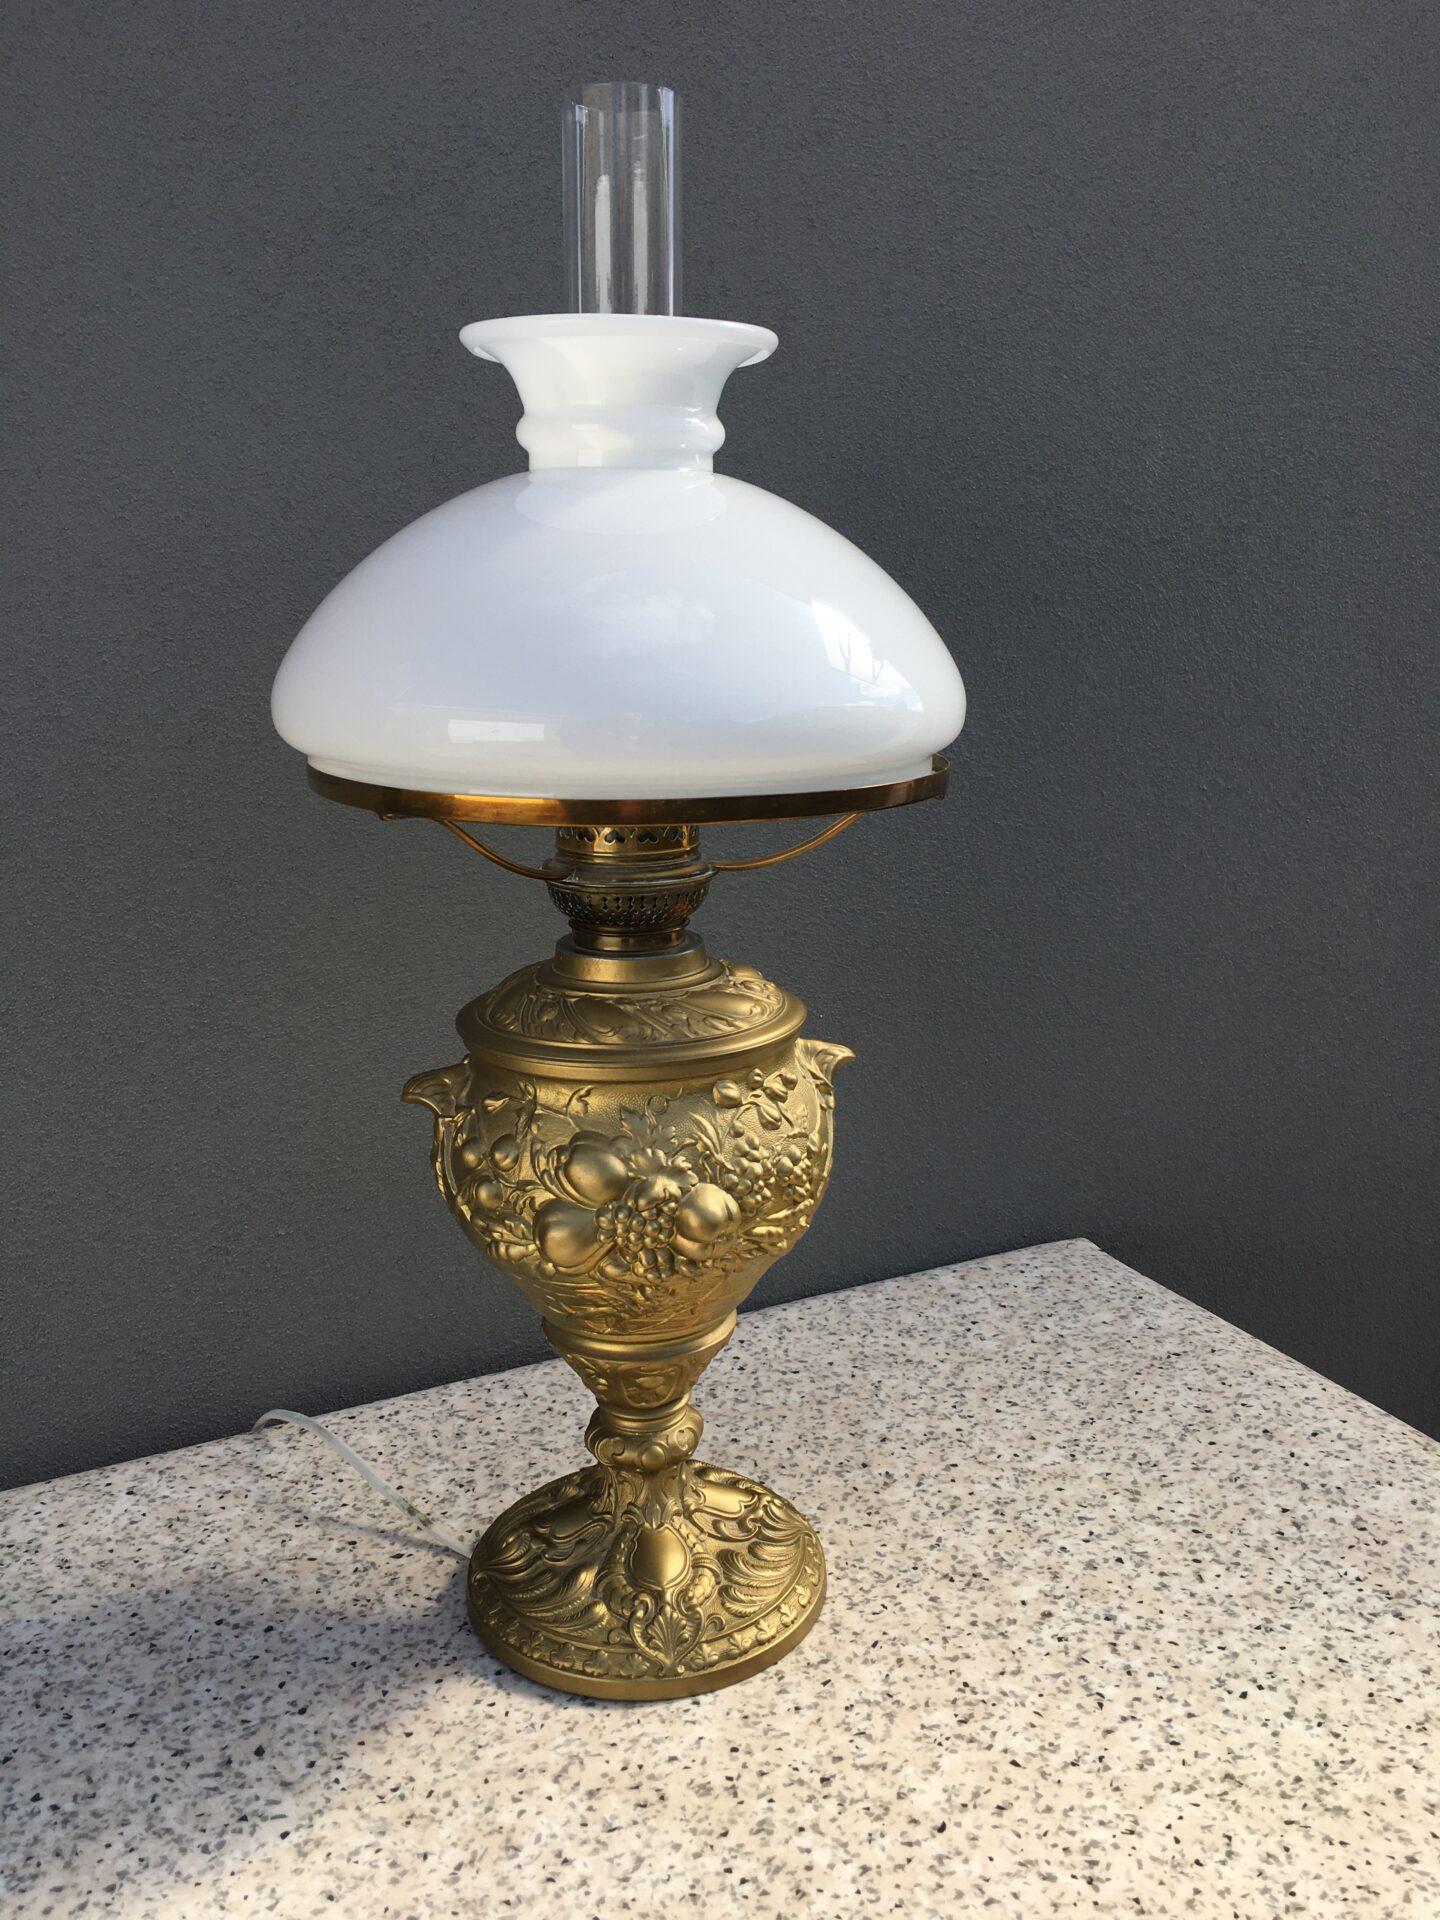 Petroleums bordlampe ombygget til el. pris 400 kr (meget velholdt)